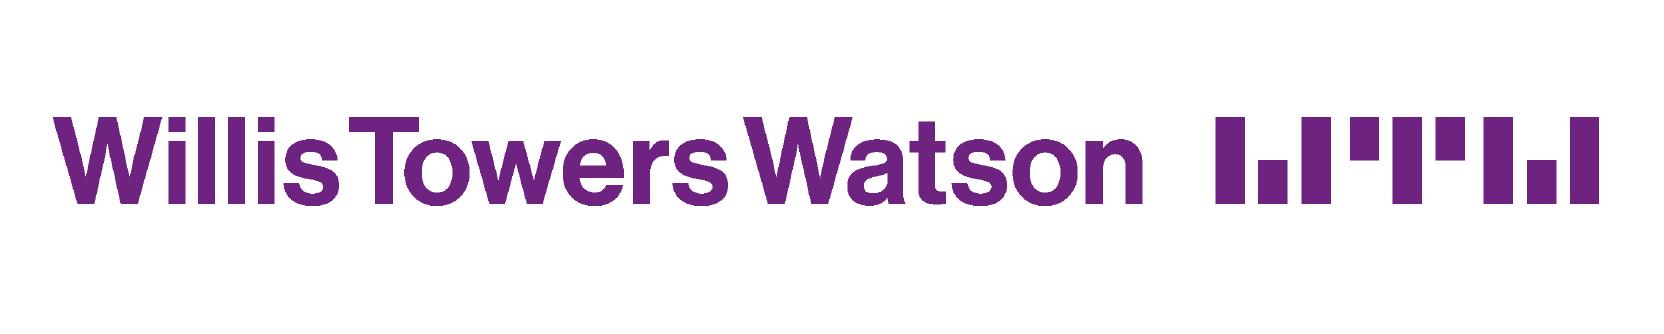 WillisTowersWatson-03